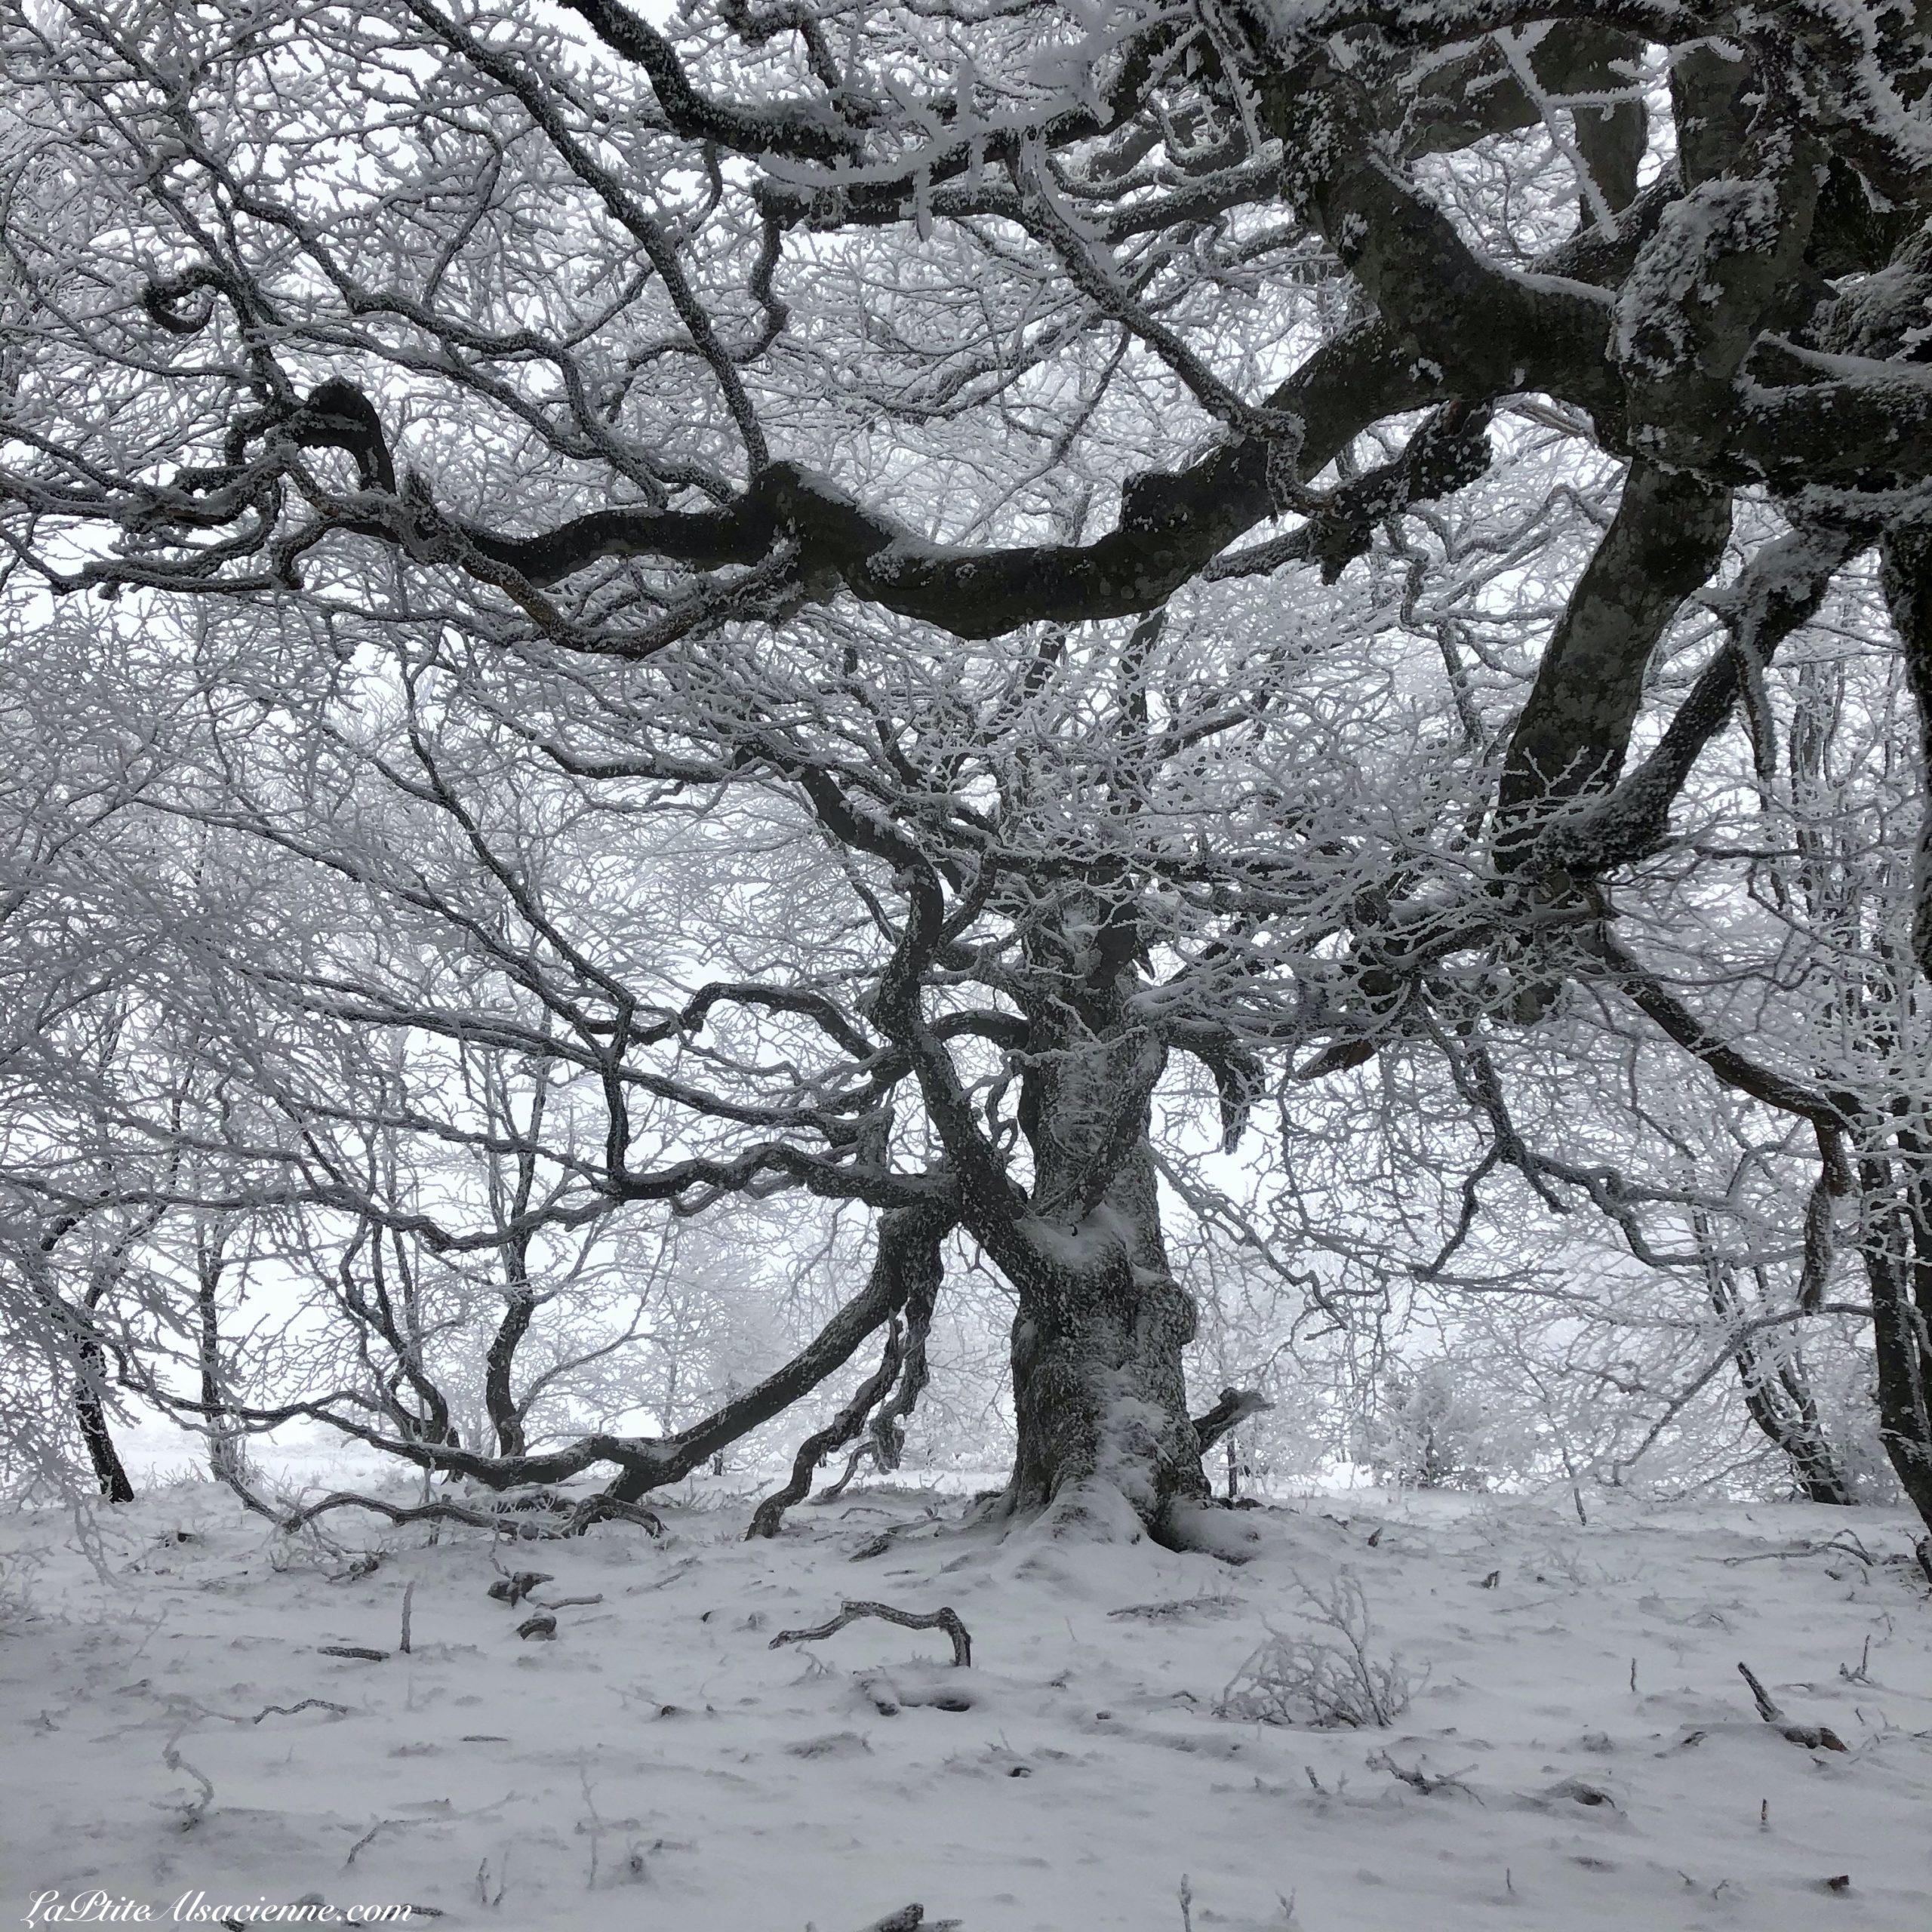 une ambiance féérique grâce à la neige au Markstein - Photo du 8 février 2021 par Cendrine Miesch dite LaPtiteAlsacienne